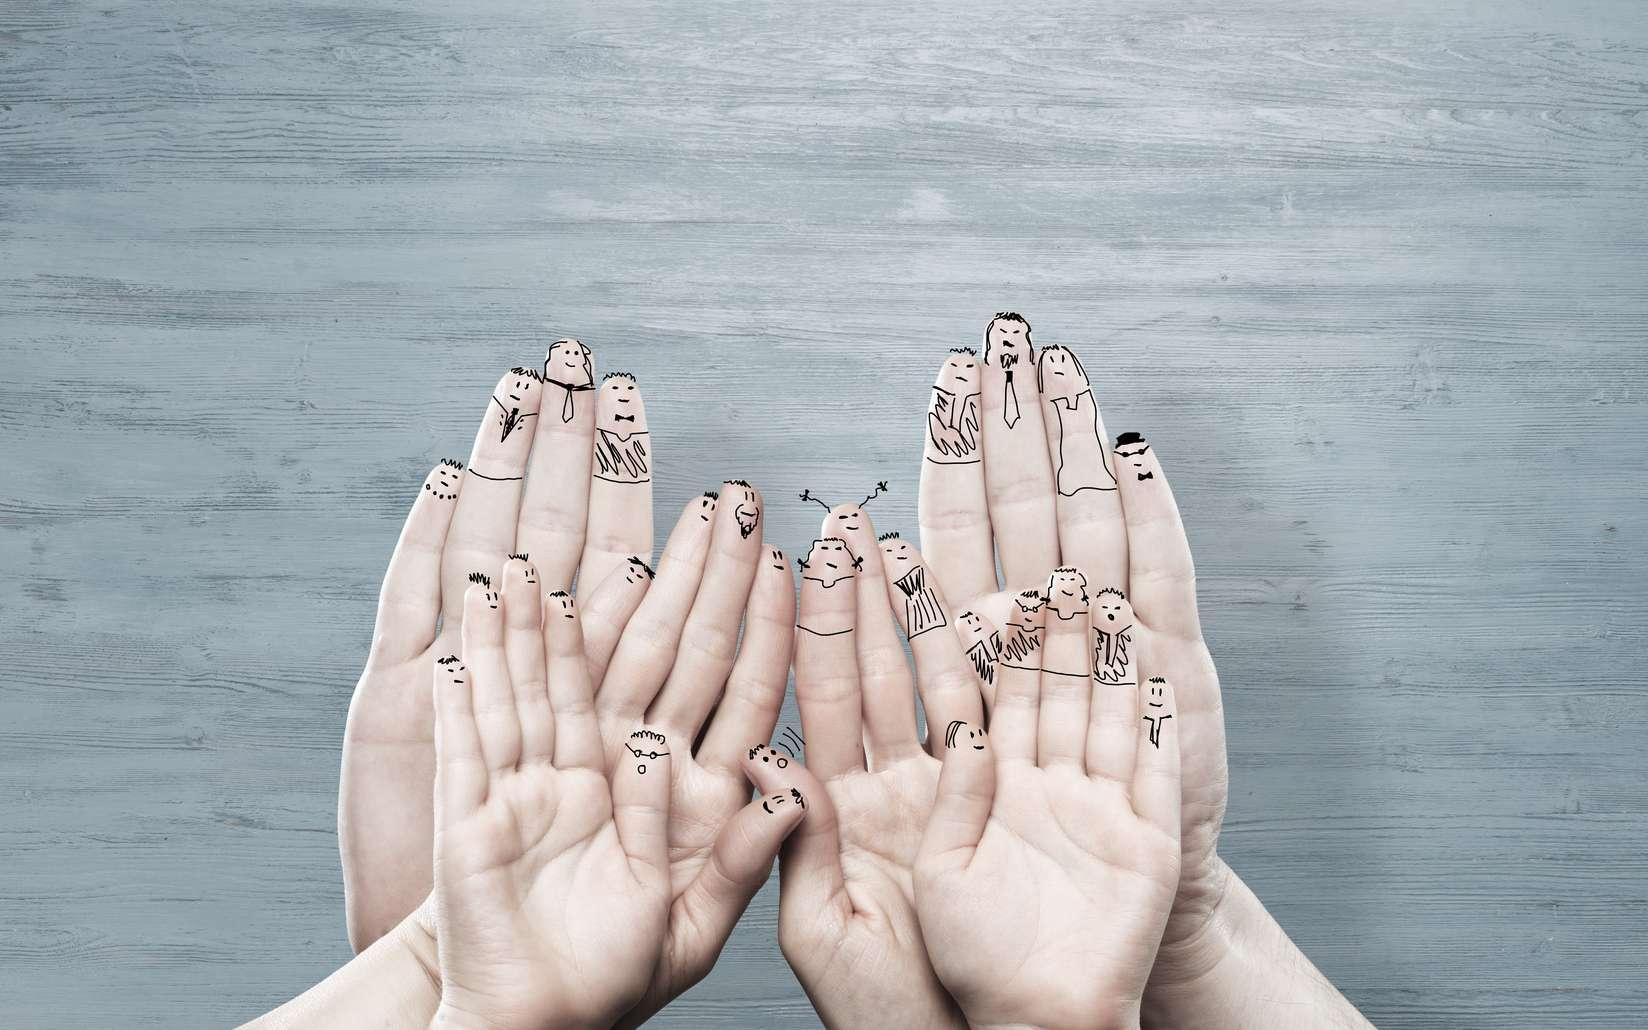 Peut-on juger quelqu'un à la taille de ses doigts ? © adam121, Fotolia